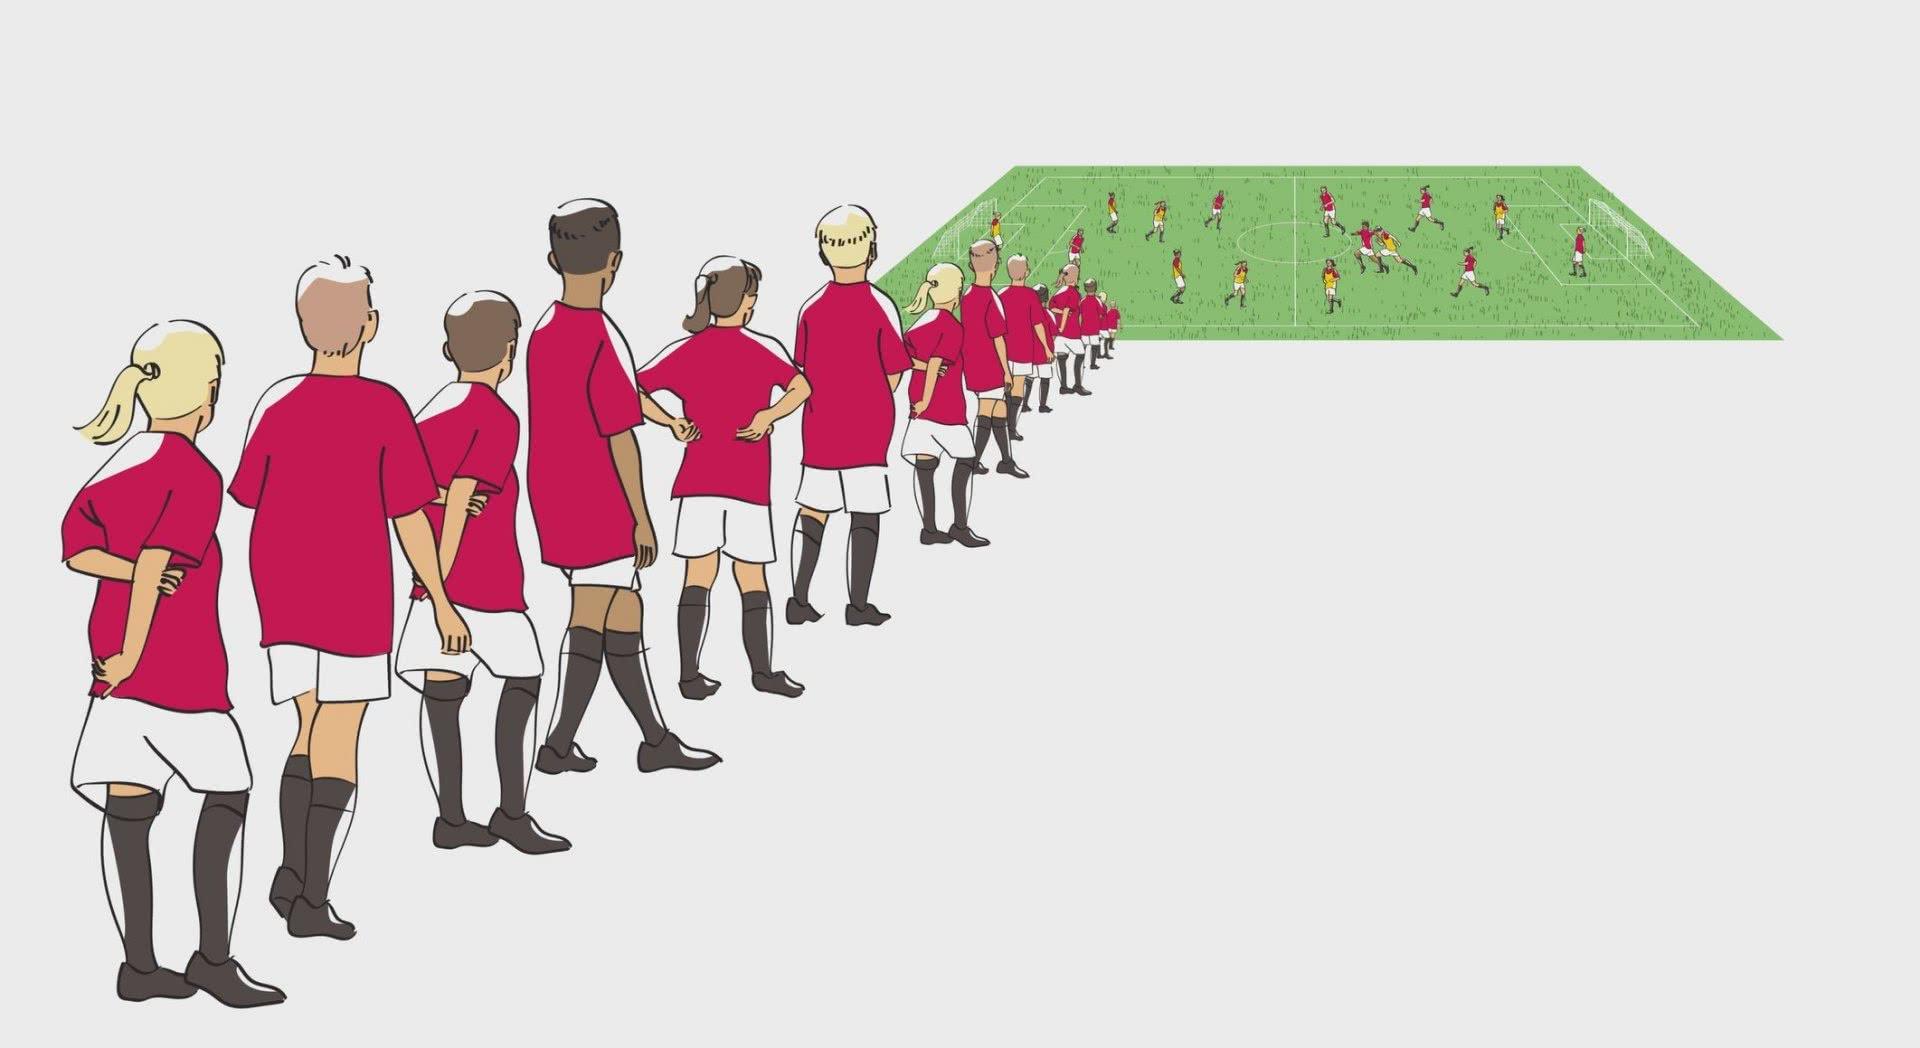 Zeichnung: Kinder und Jugendliche in einer Warteschlange vor einêm Fussballplatz.